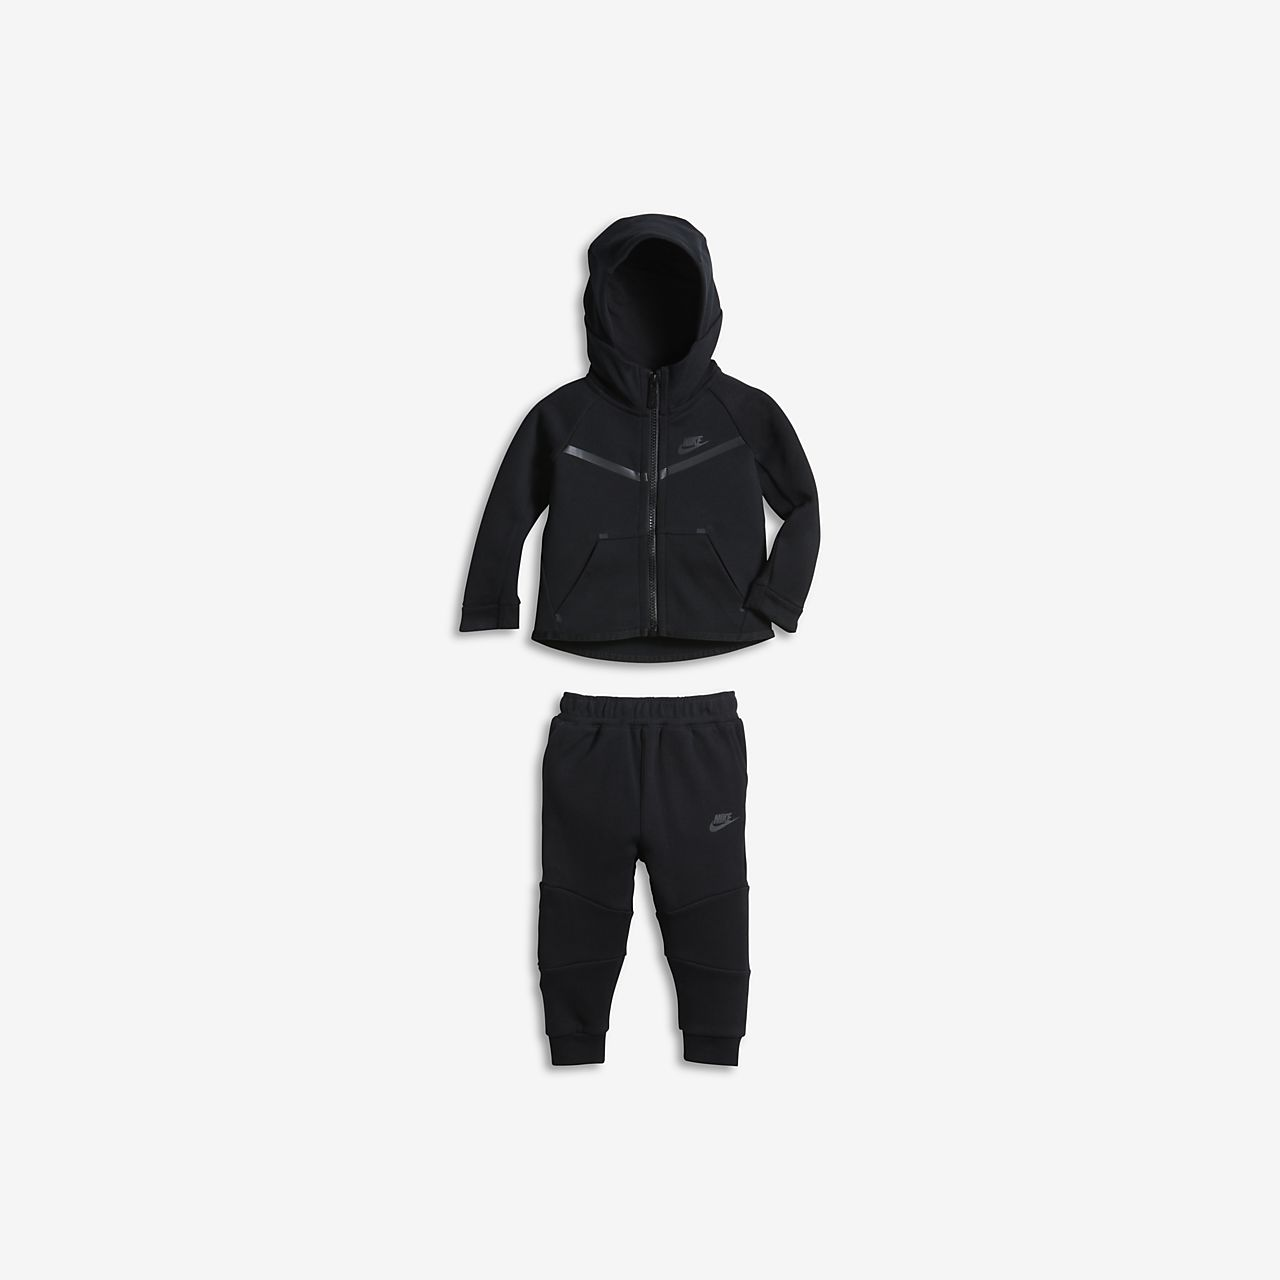 Nike Tech Fleece Conjunt de dessuadora amb caputxa i pantalons - Nadó (12-24 M)